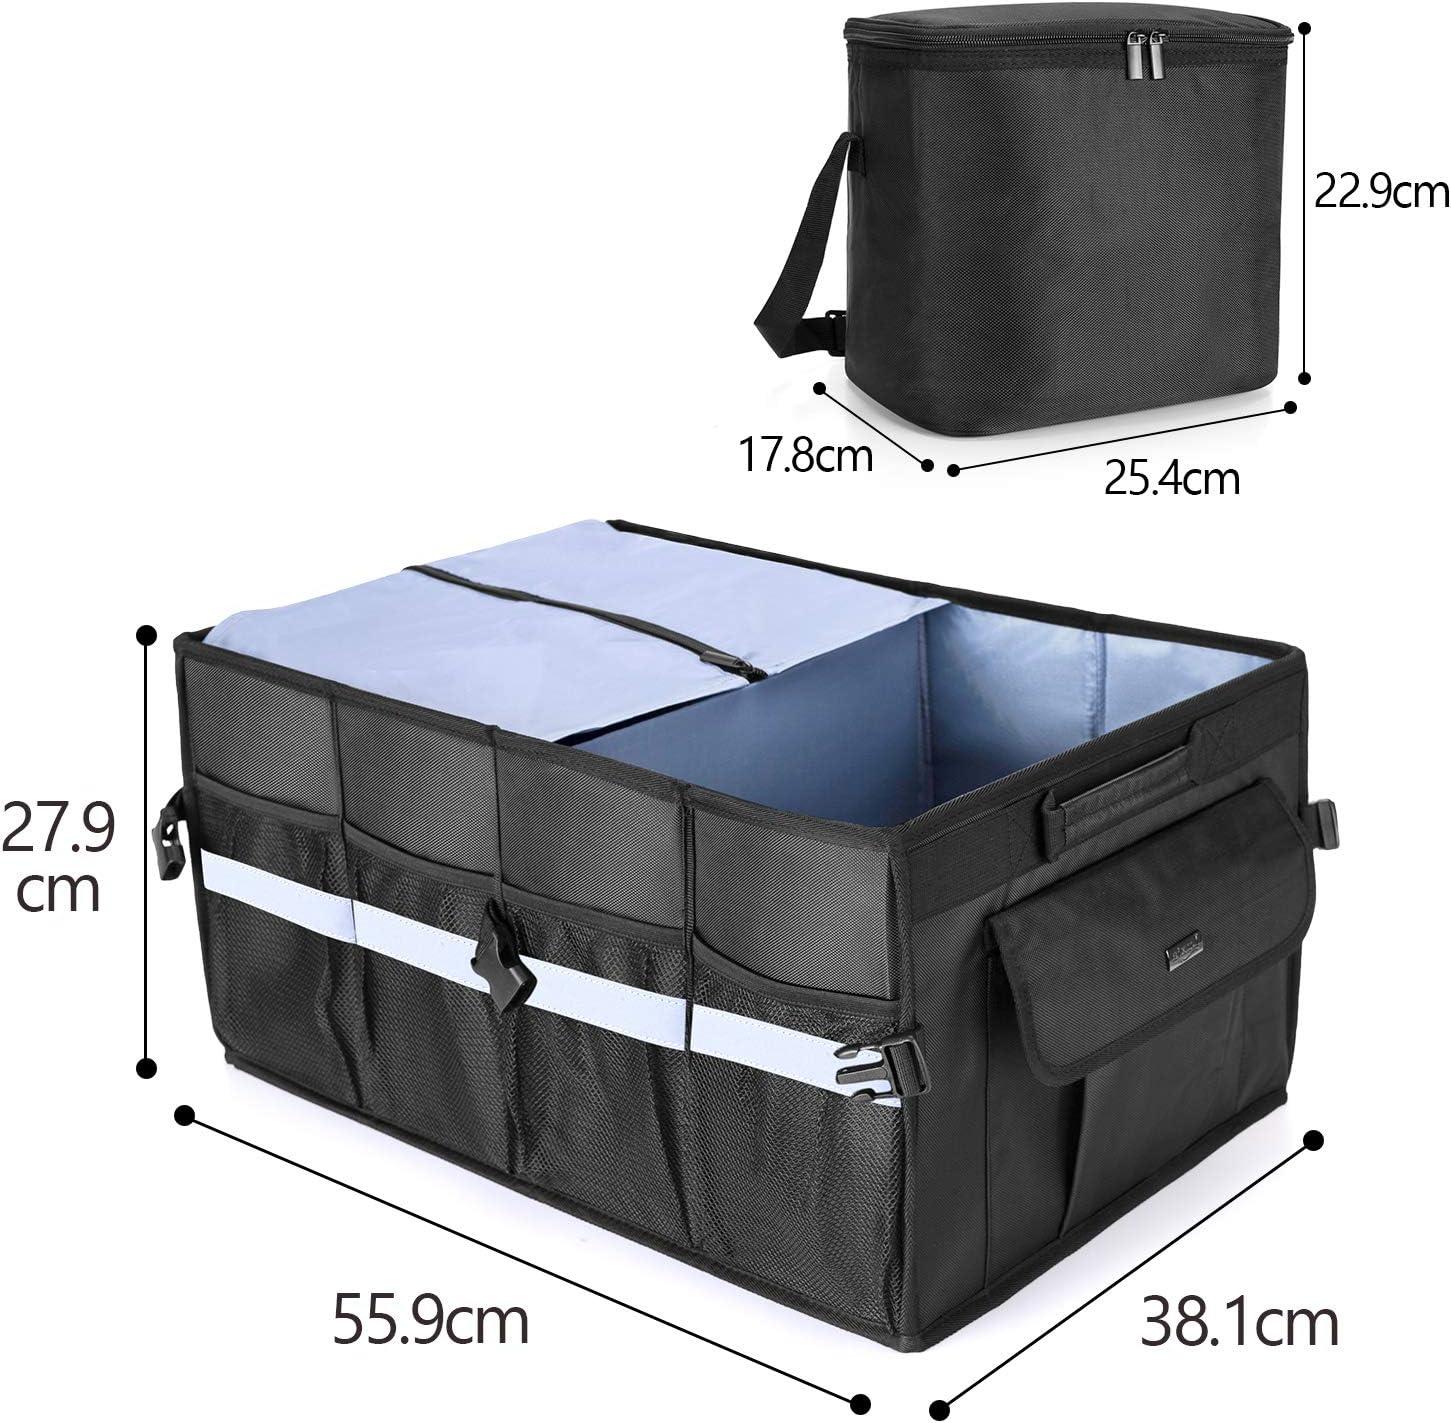 Luxja Kofferraum Organizer Faltbare Auto Kofferraumstasche Mit Zusätzlicher Kühltasche Organizer Klappbox Für Suv Lkw Auto Schwarz Auto